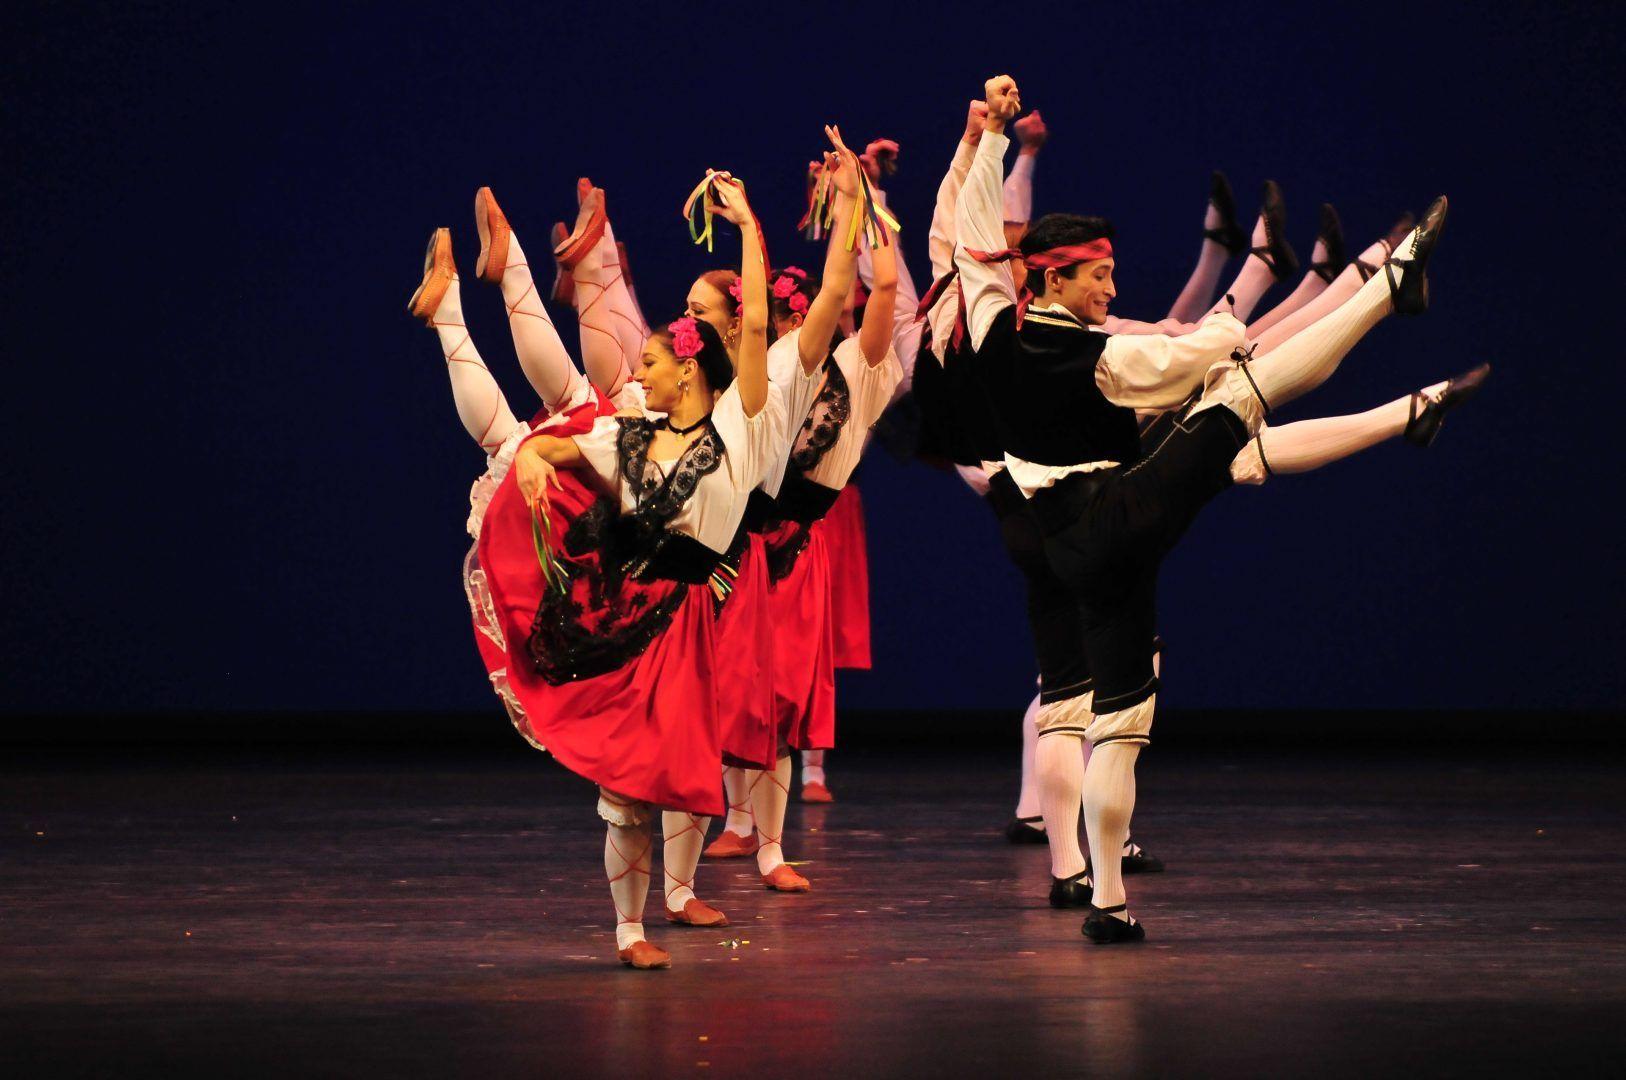 Творческие коллективы выступят на празднике в честь Дня народного единства. Фото: архив, «Вечерняя Москва»